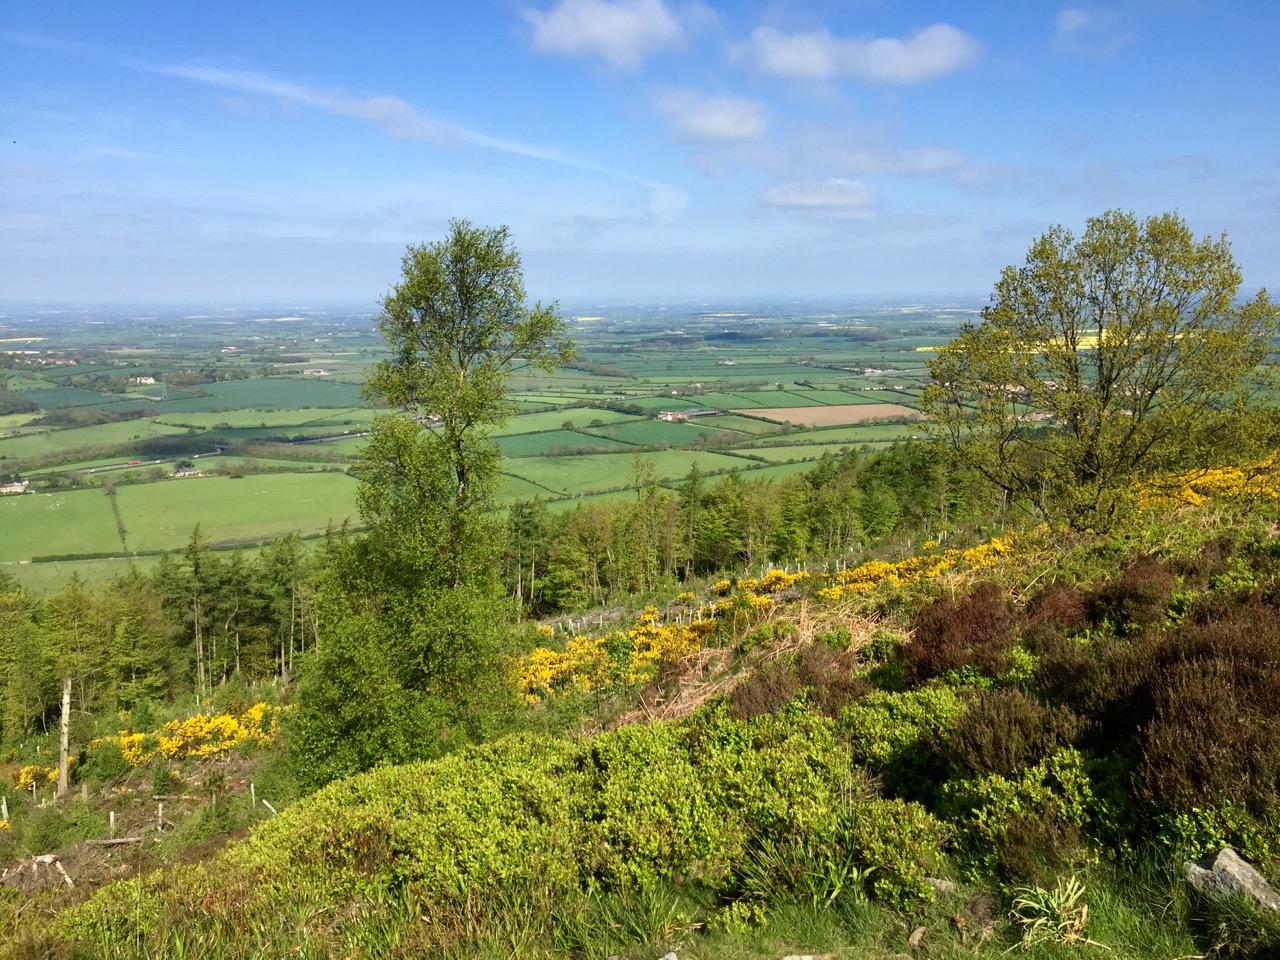 Looking west from Beacon Hill - Uitzicht naar het westen vanaf Beacon Hill